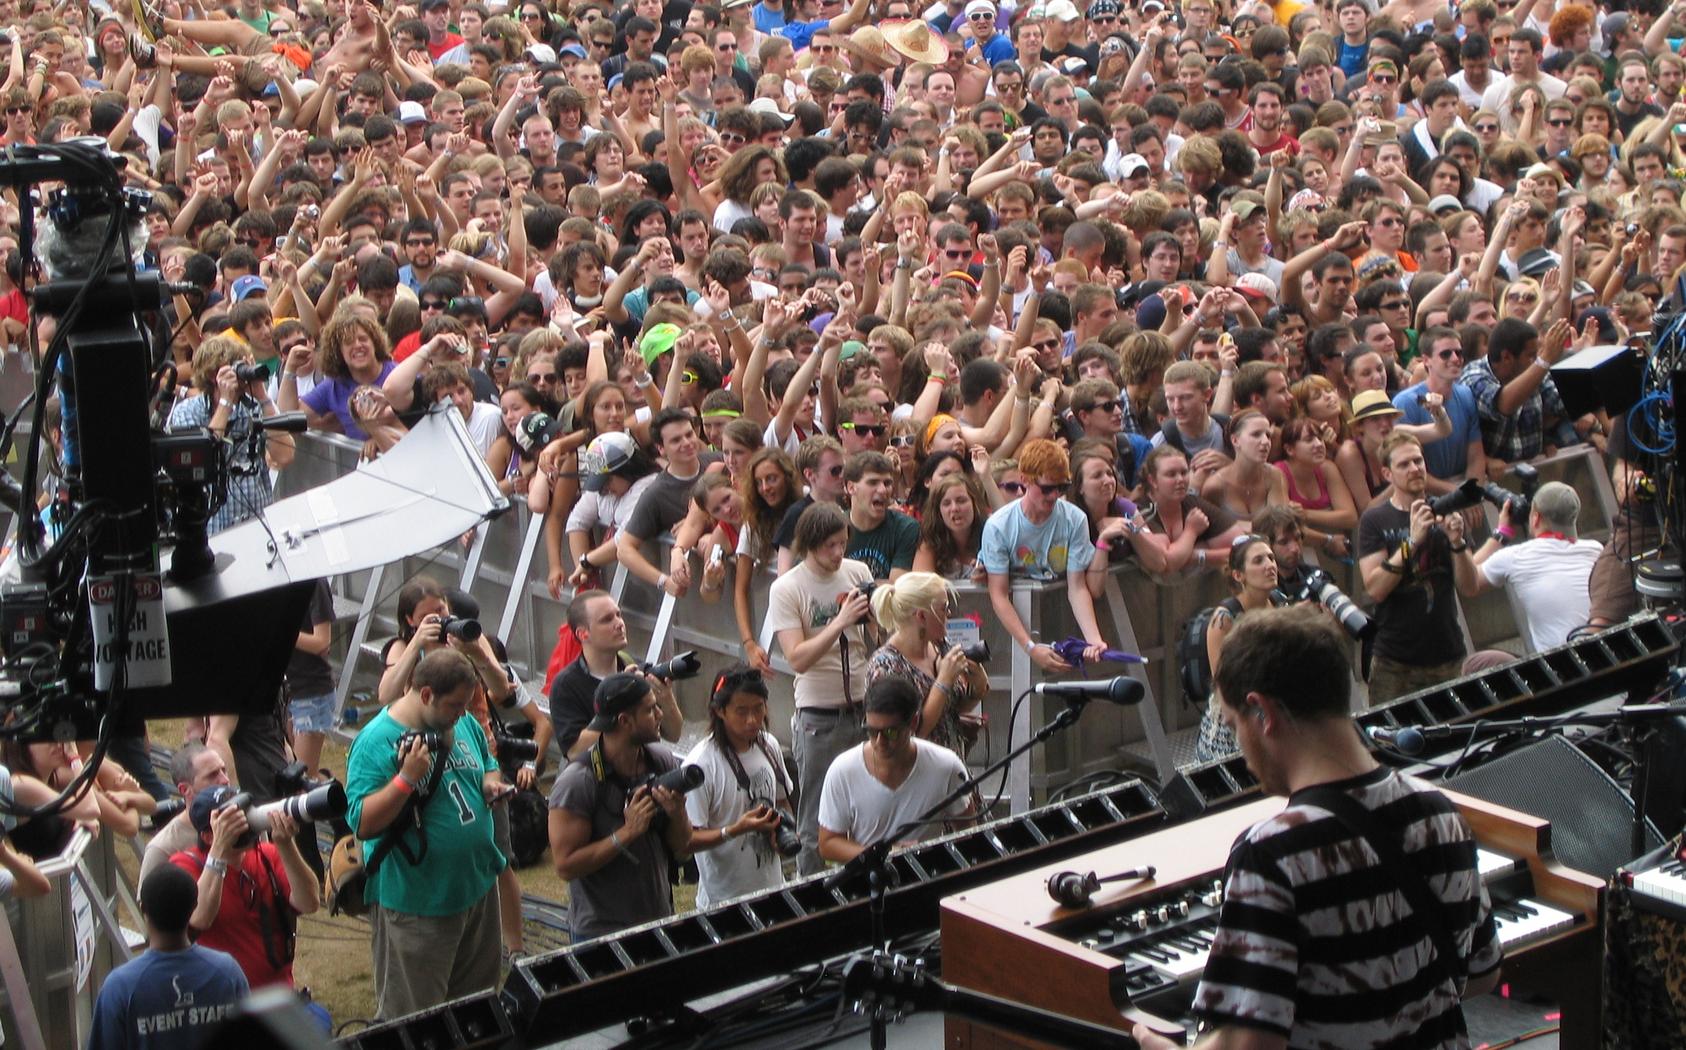 Festival lollapalooza berlin